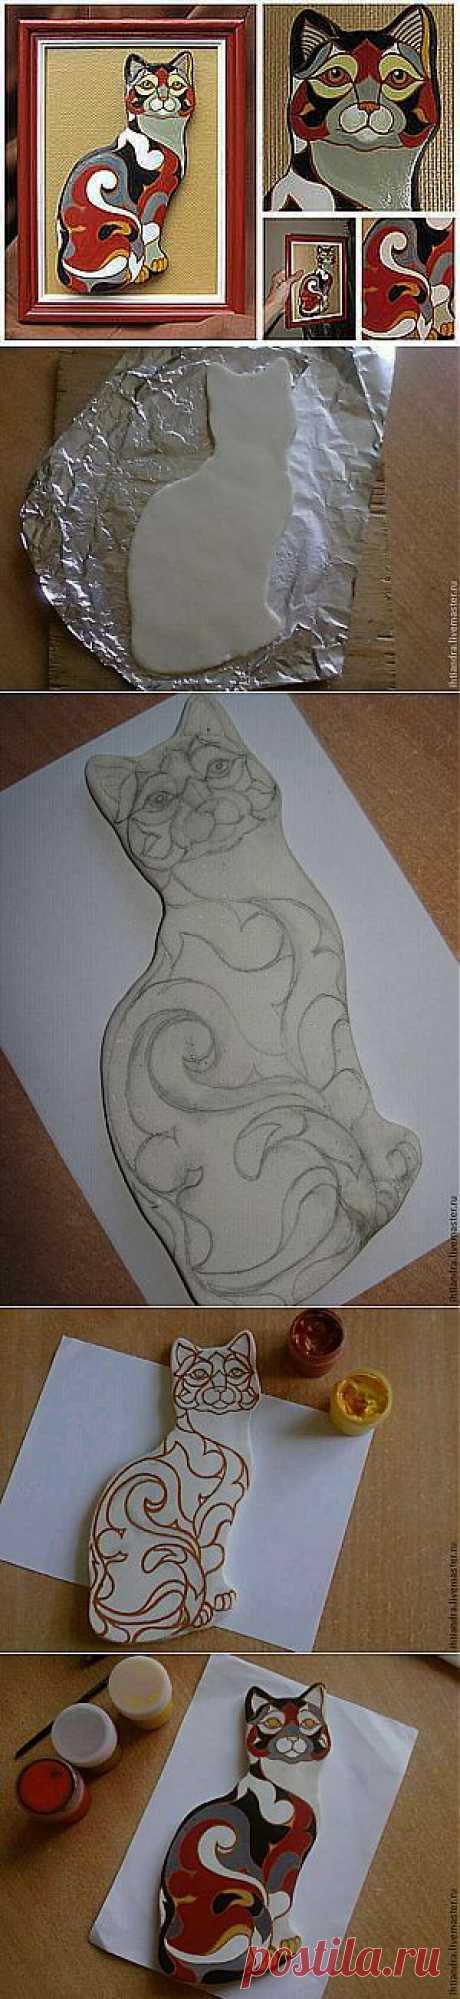 La Clase maestra: la gata del test salado en el estilo De Rosa\/Rinconada